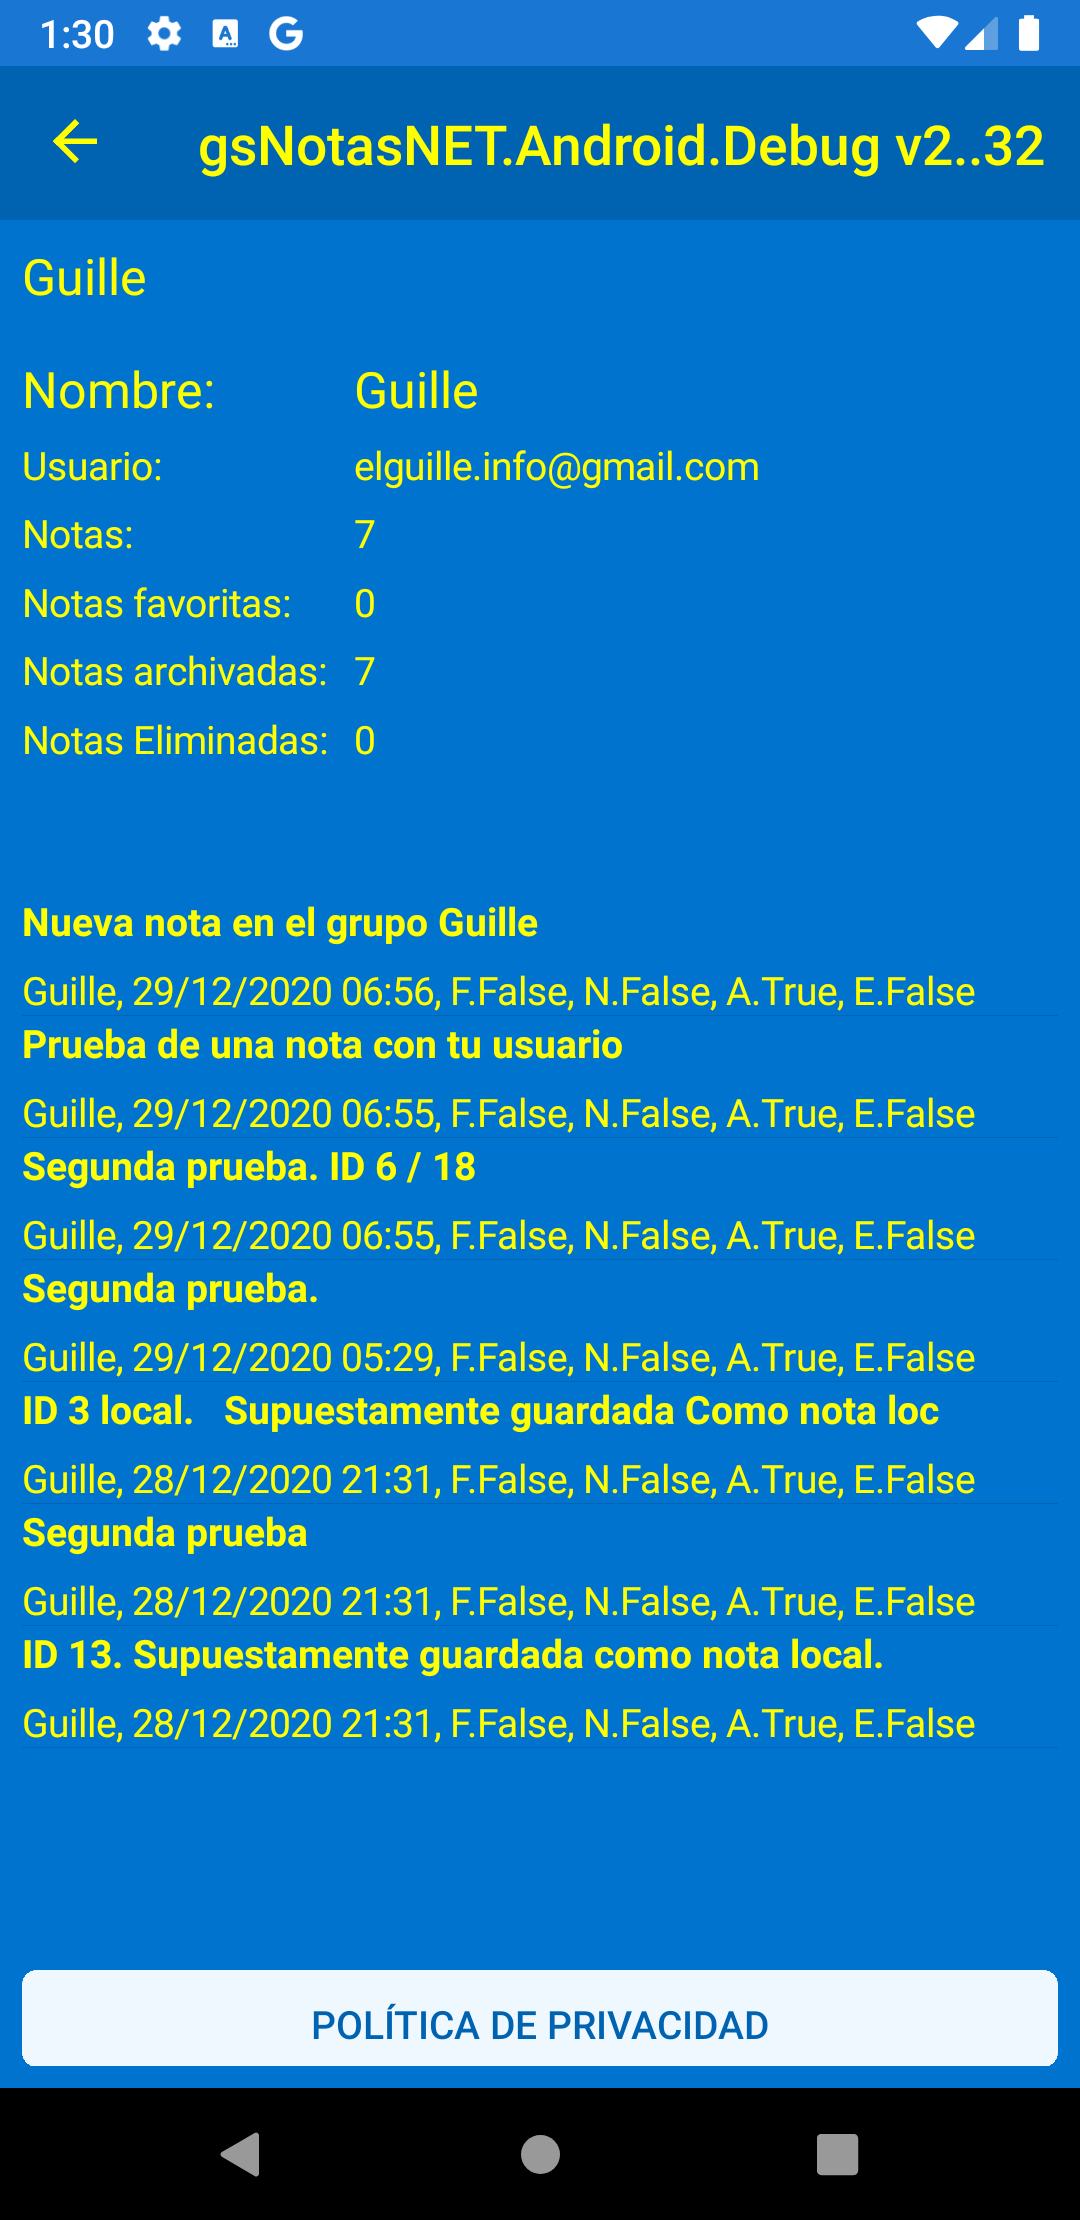 v2.32-Grupos-Detalle